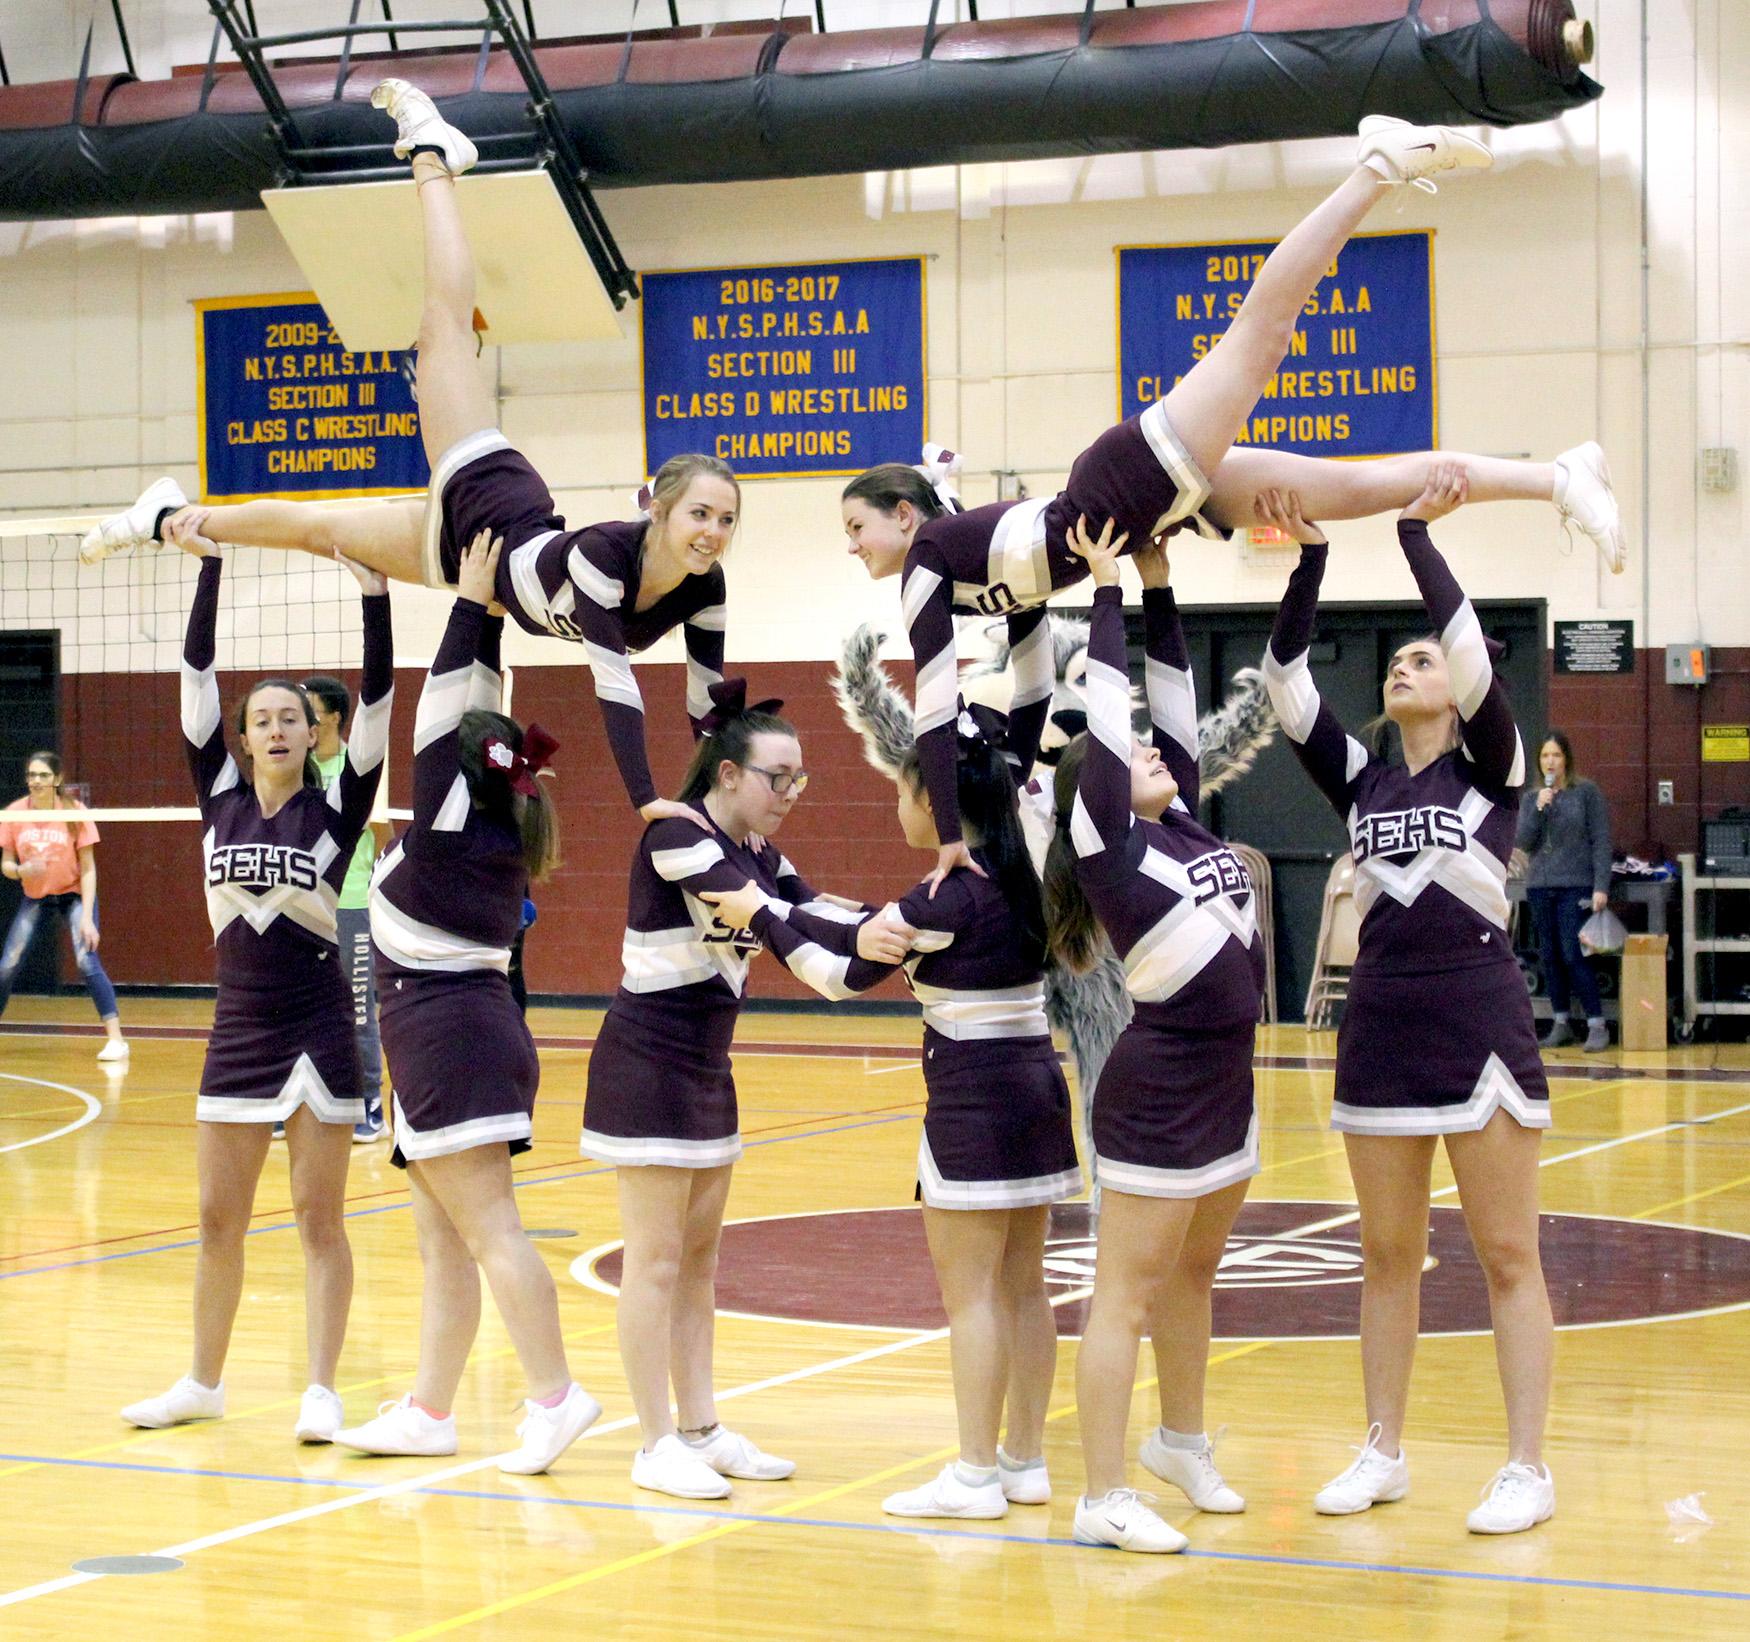 Cheerleaders performing in gym (9/2020)